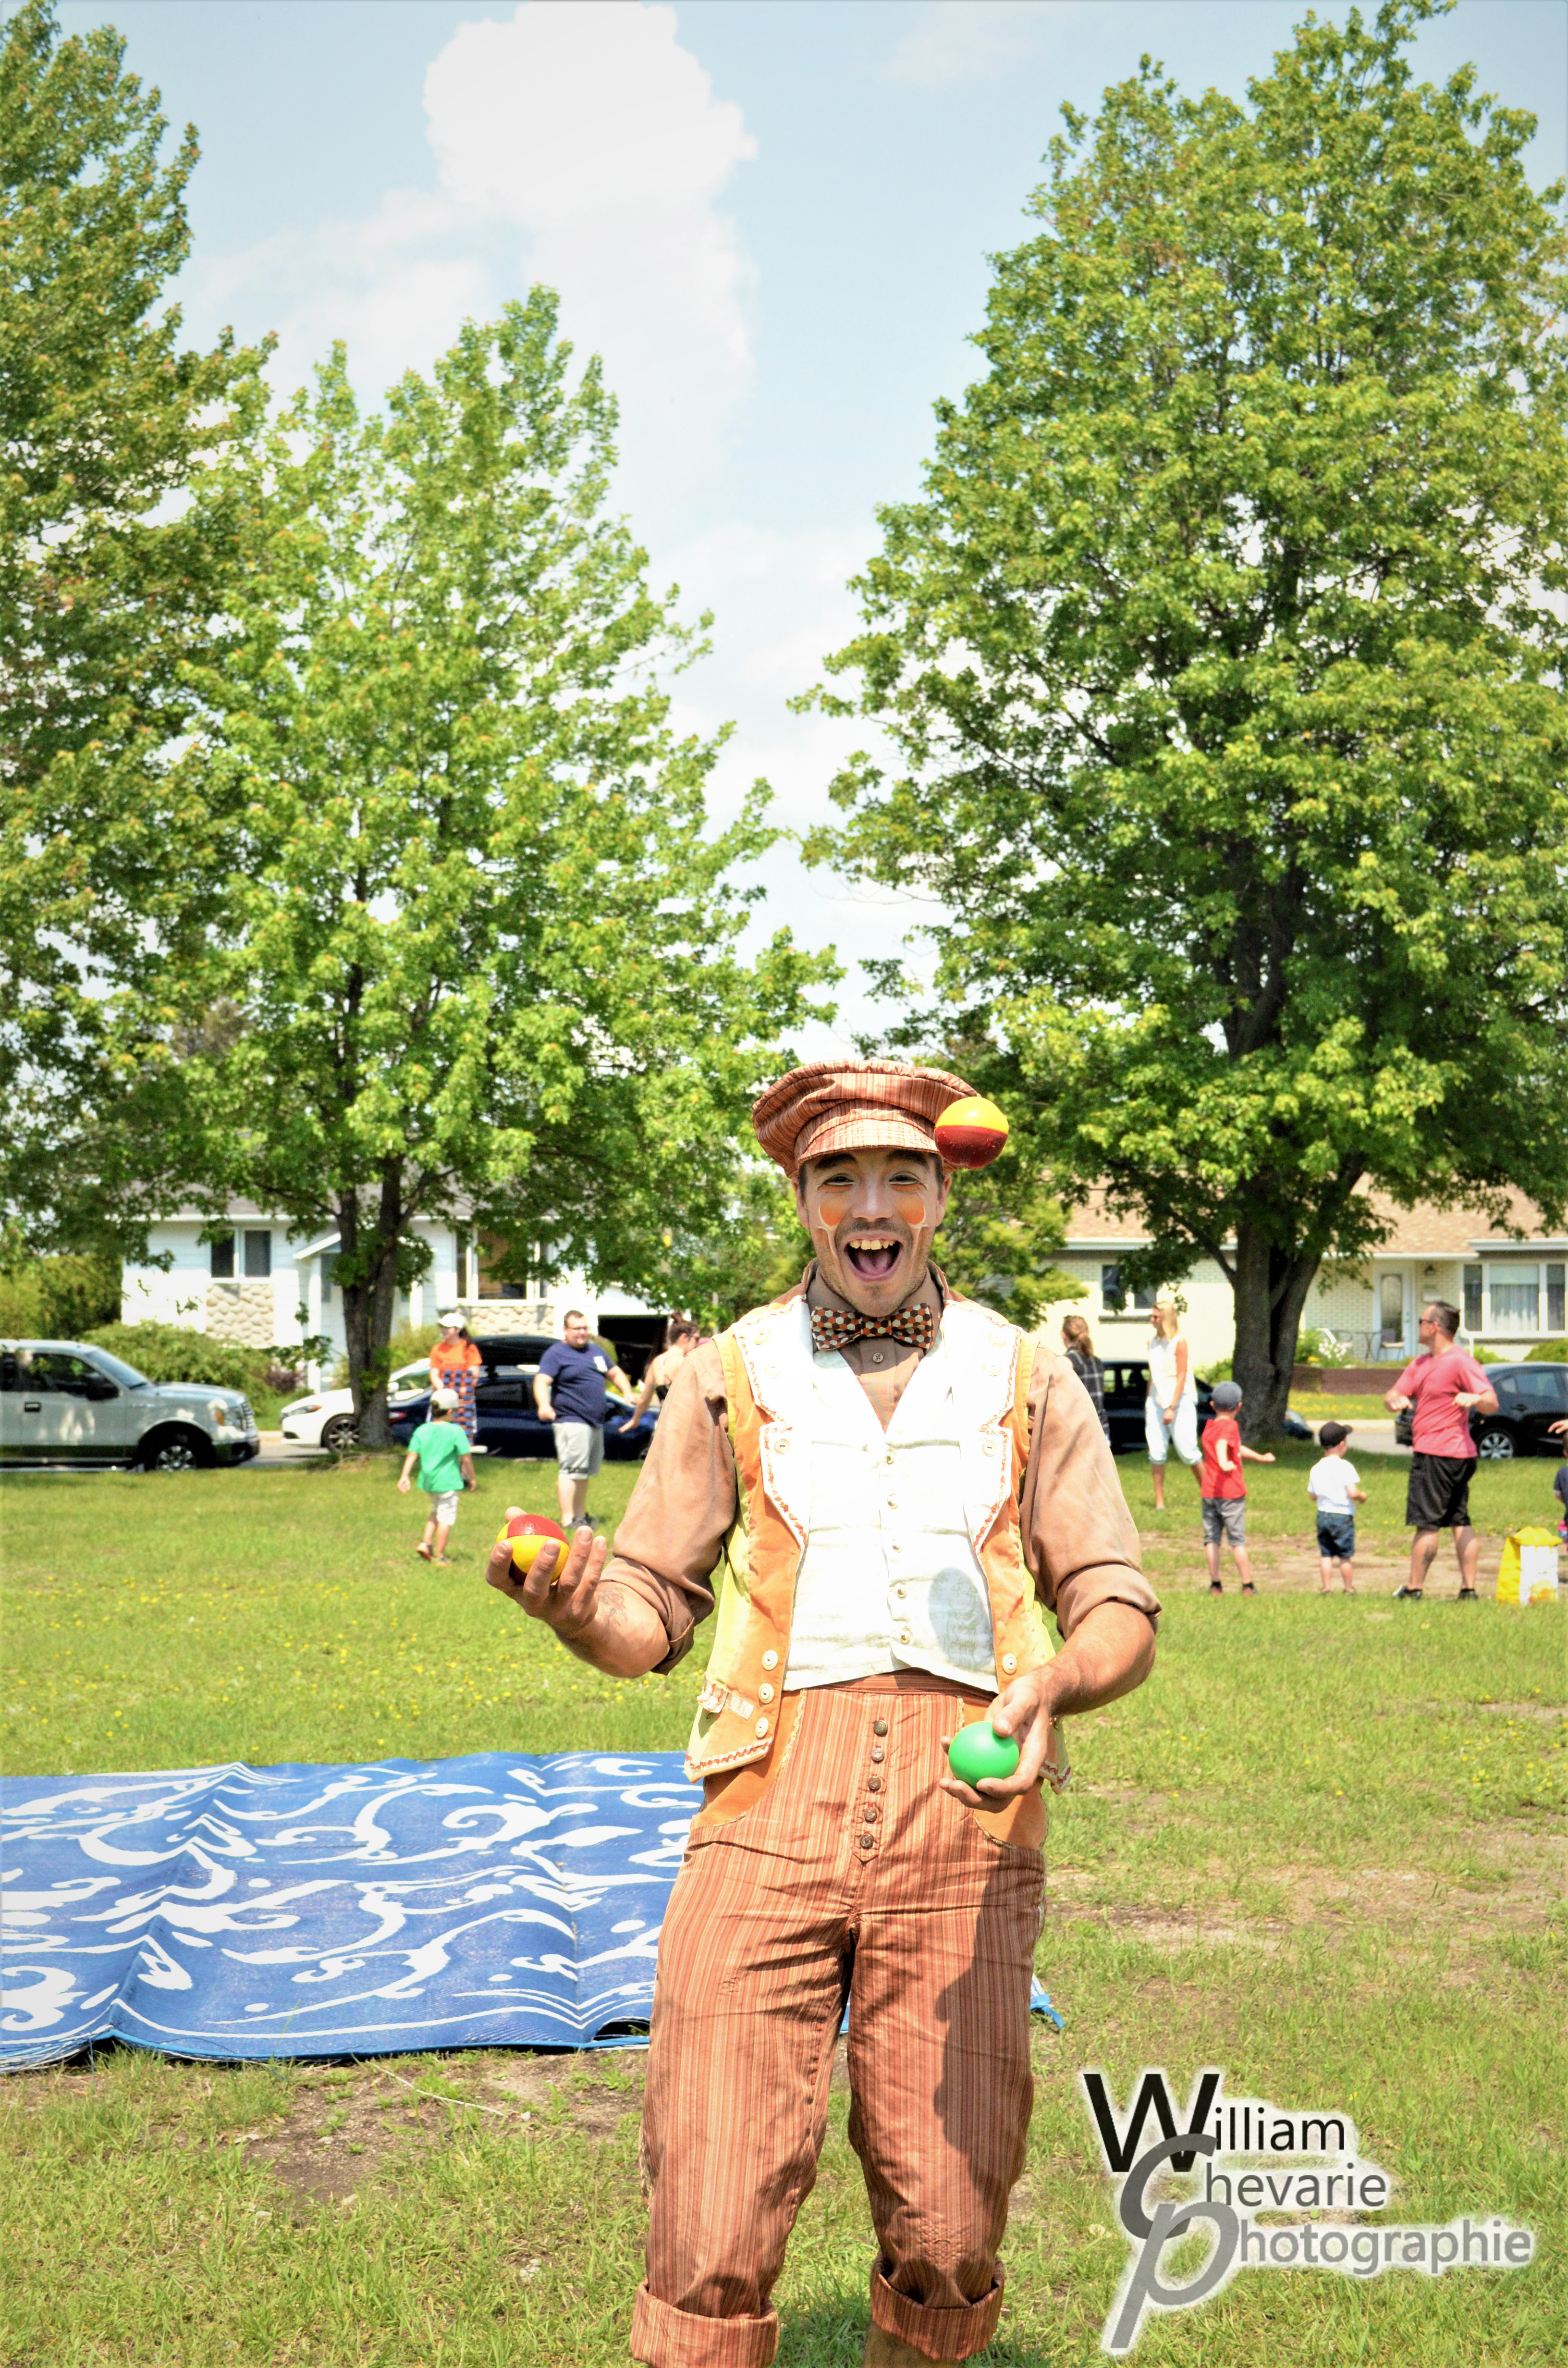 M. Monsieur, notre personnage échassier, entrain d'amuser les jeunes par le tirage d'une extraordinaire sculpture de ballons.